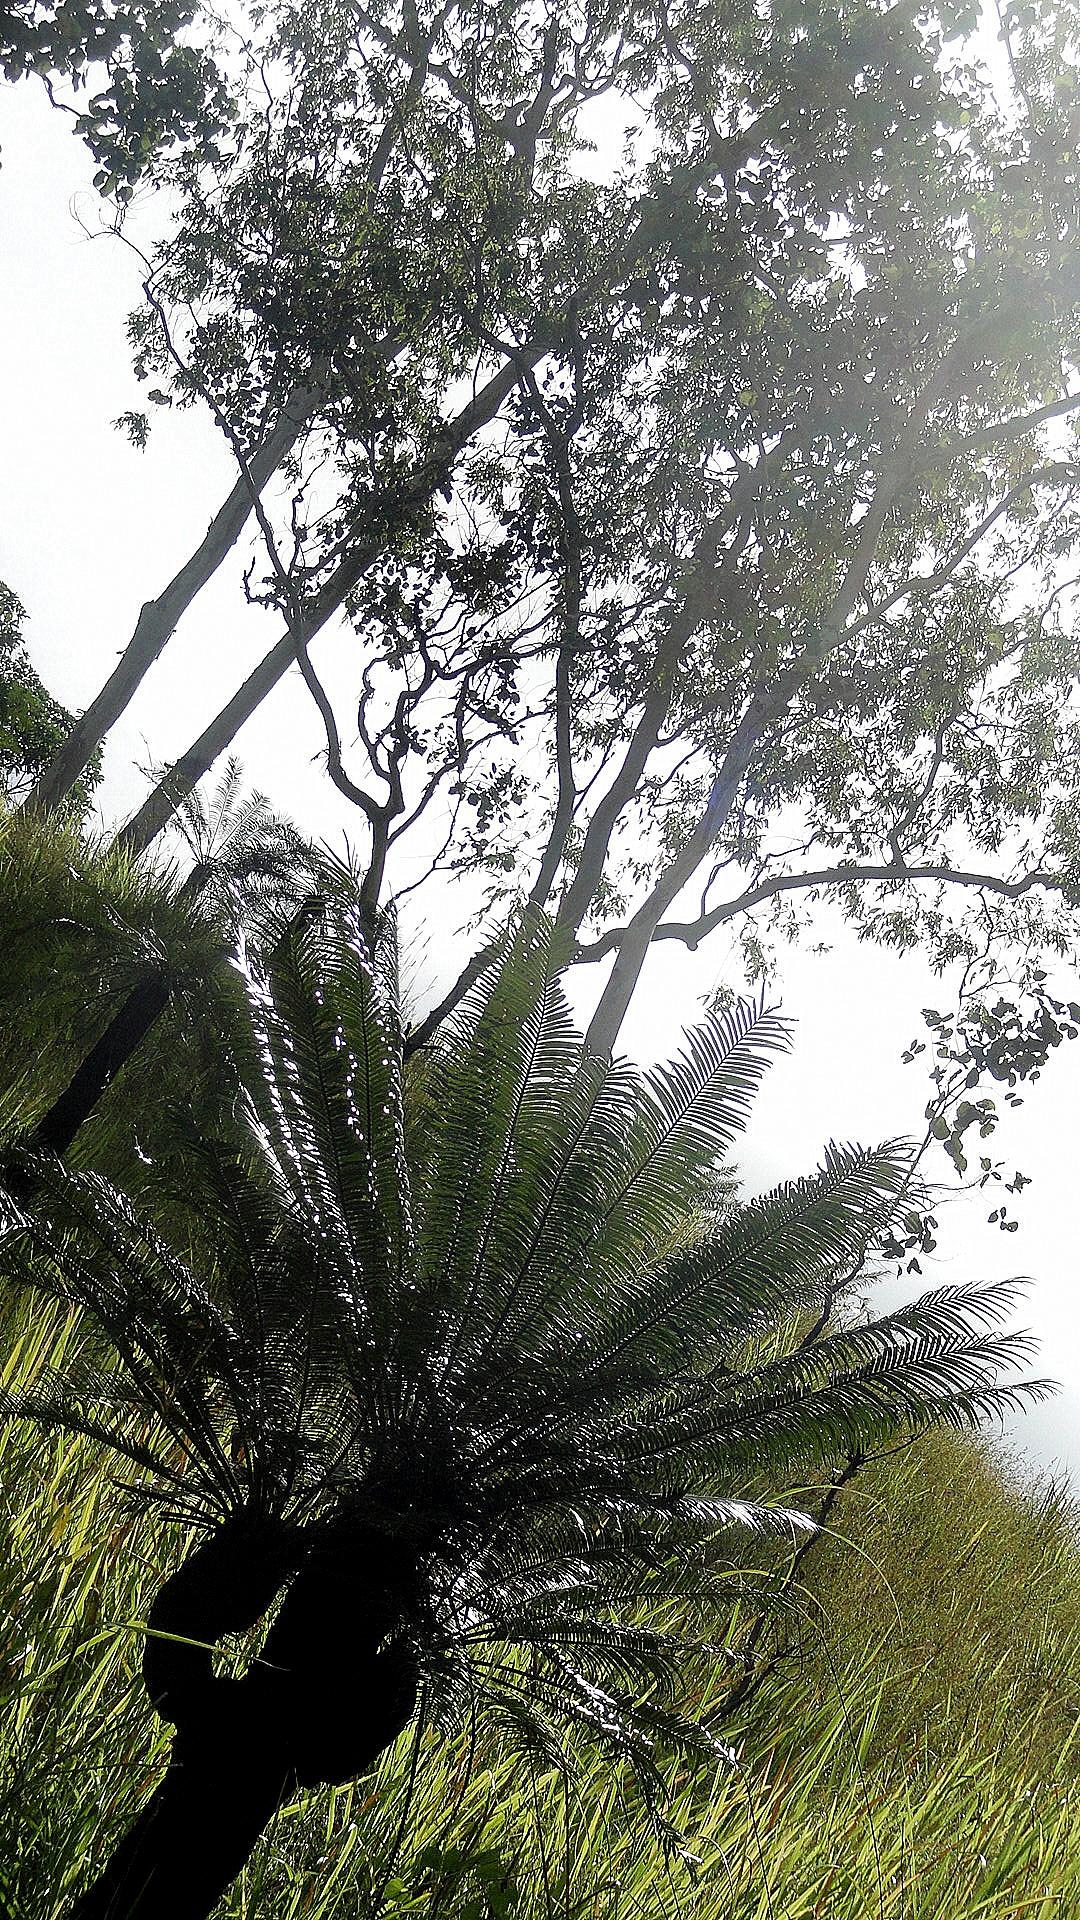 Mt Diamond Hike - Palm & Tree on a Hill